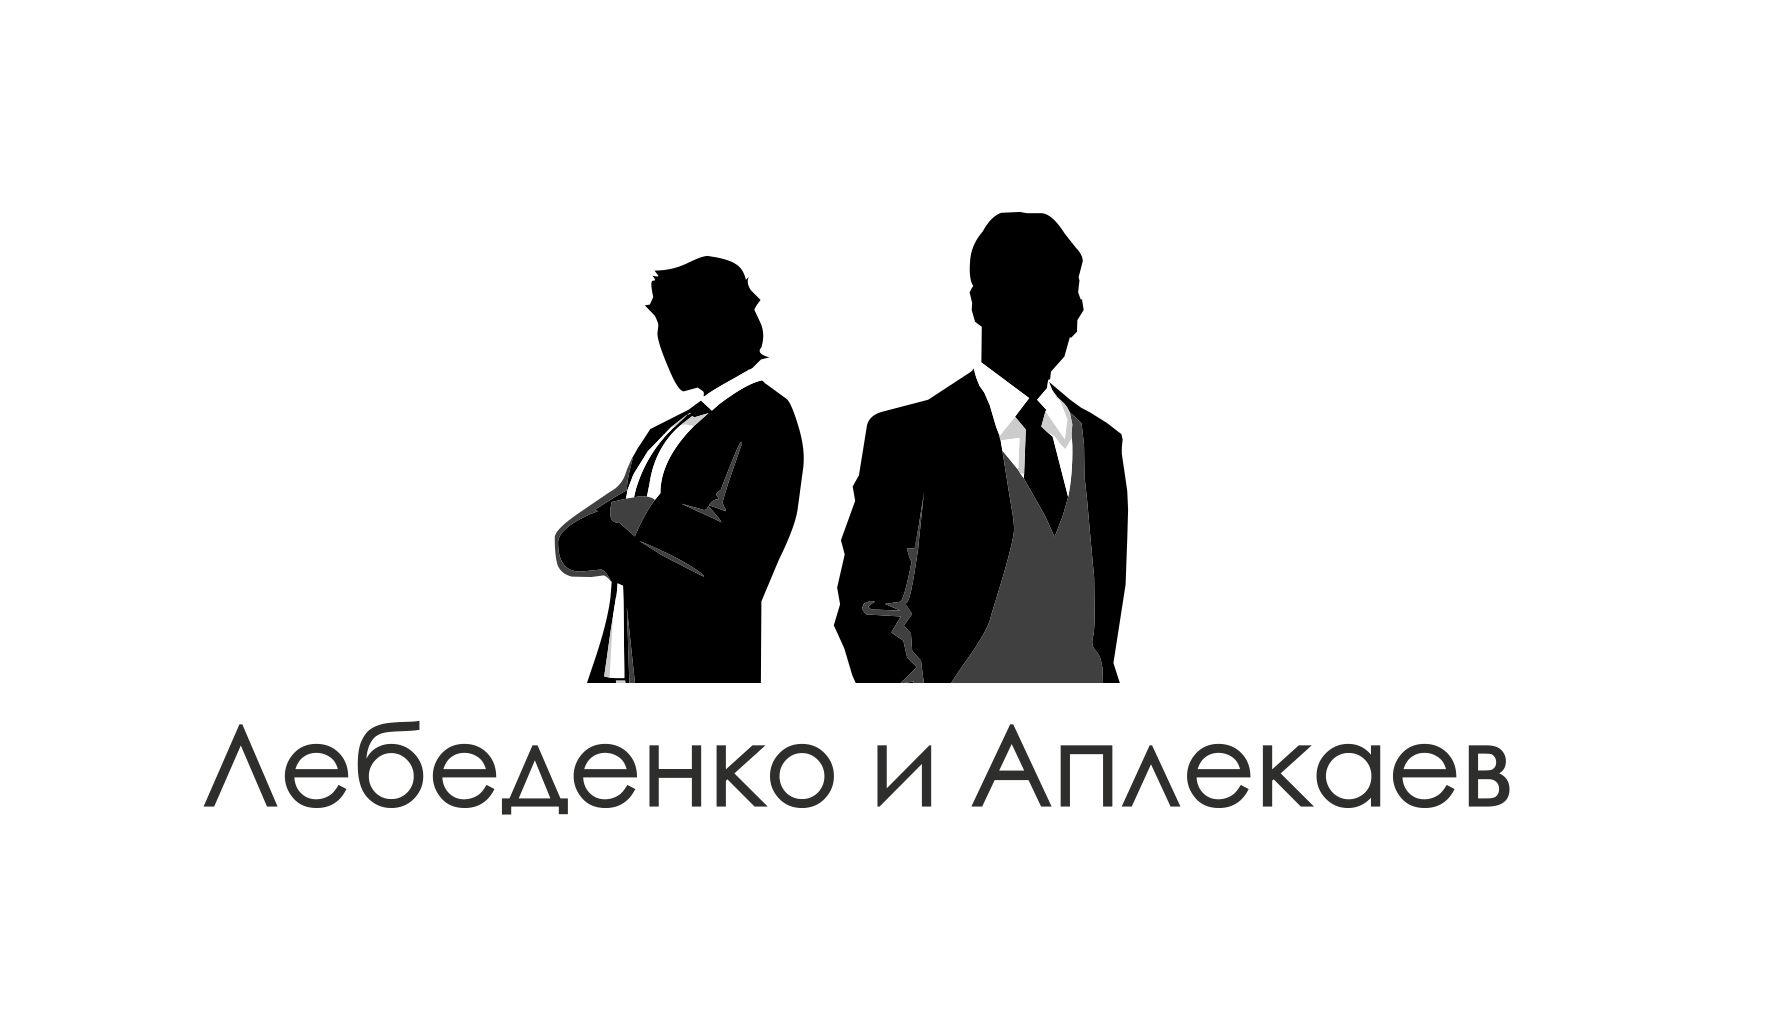 Логотип для юридической компании - дизайнер Bes55ter